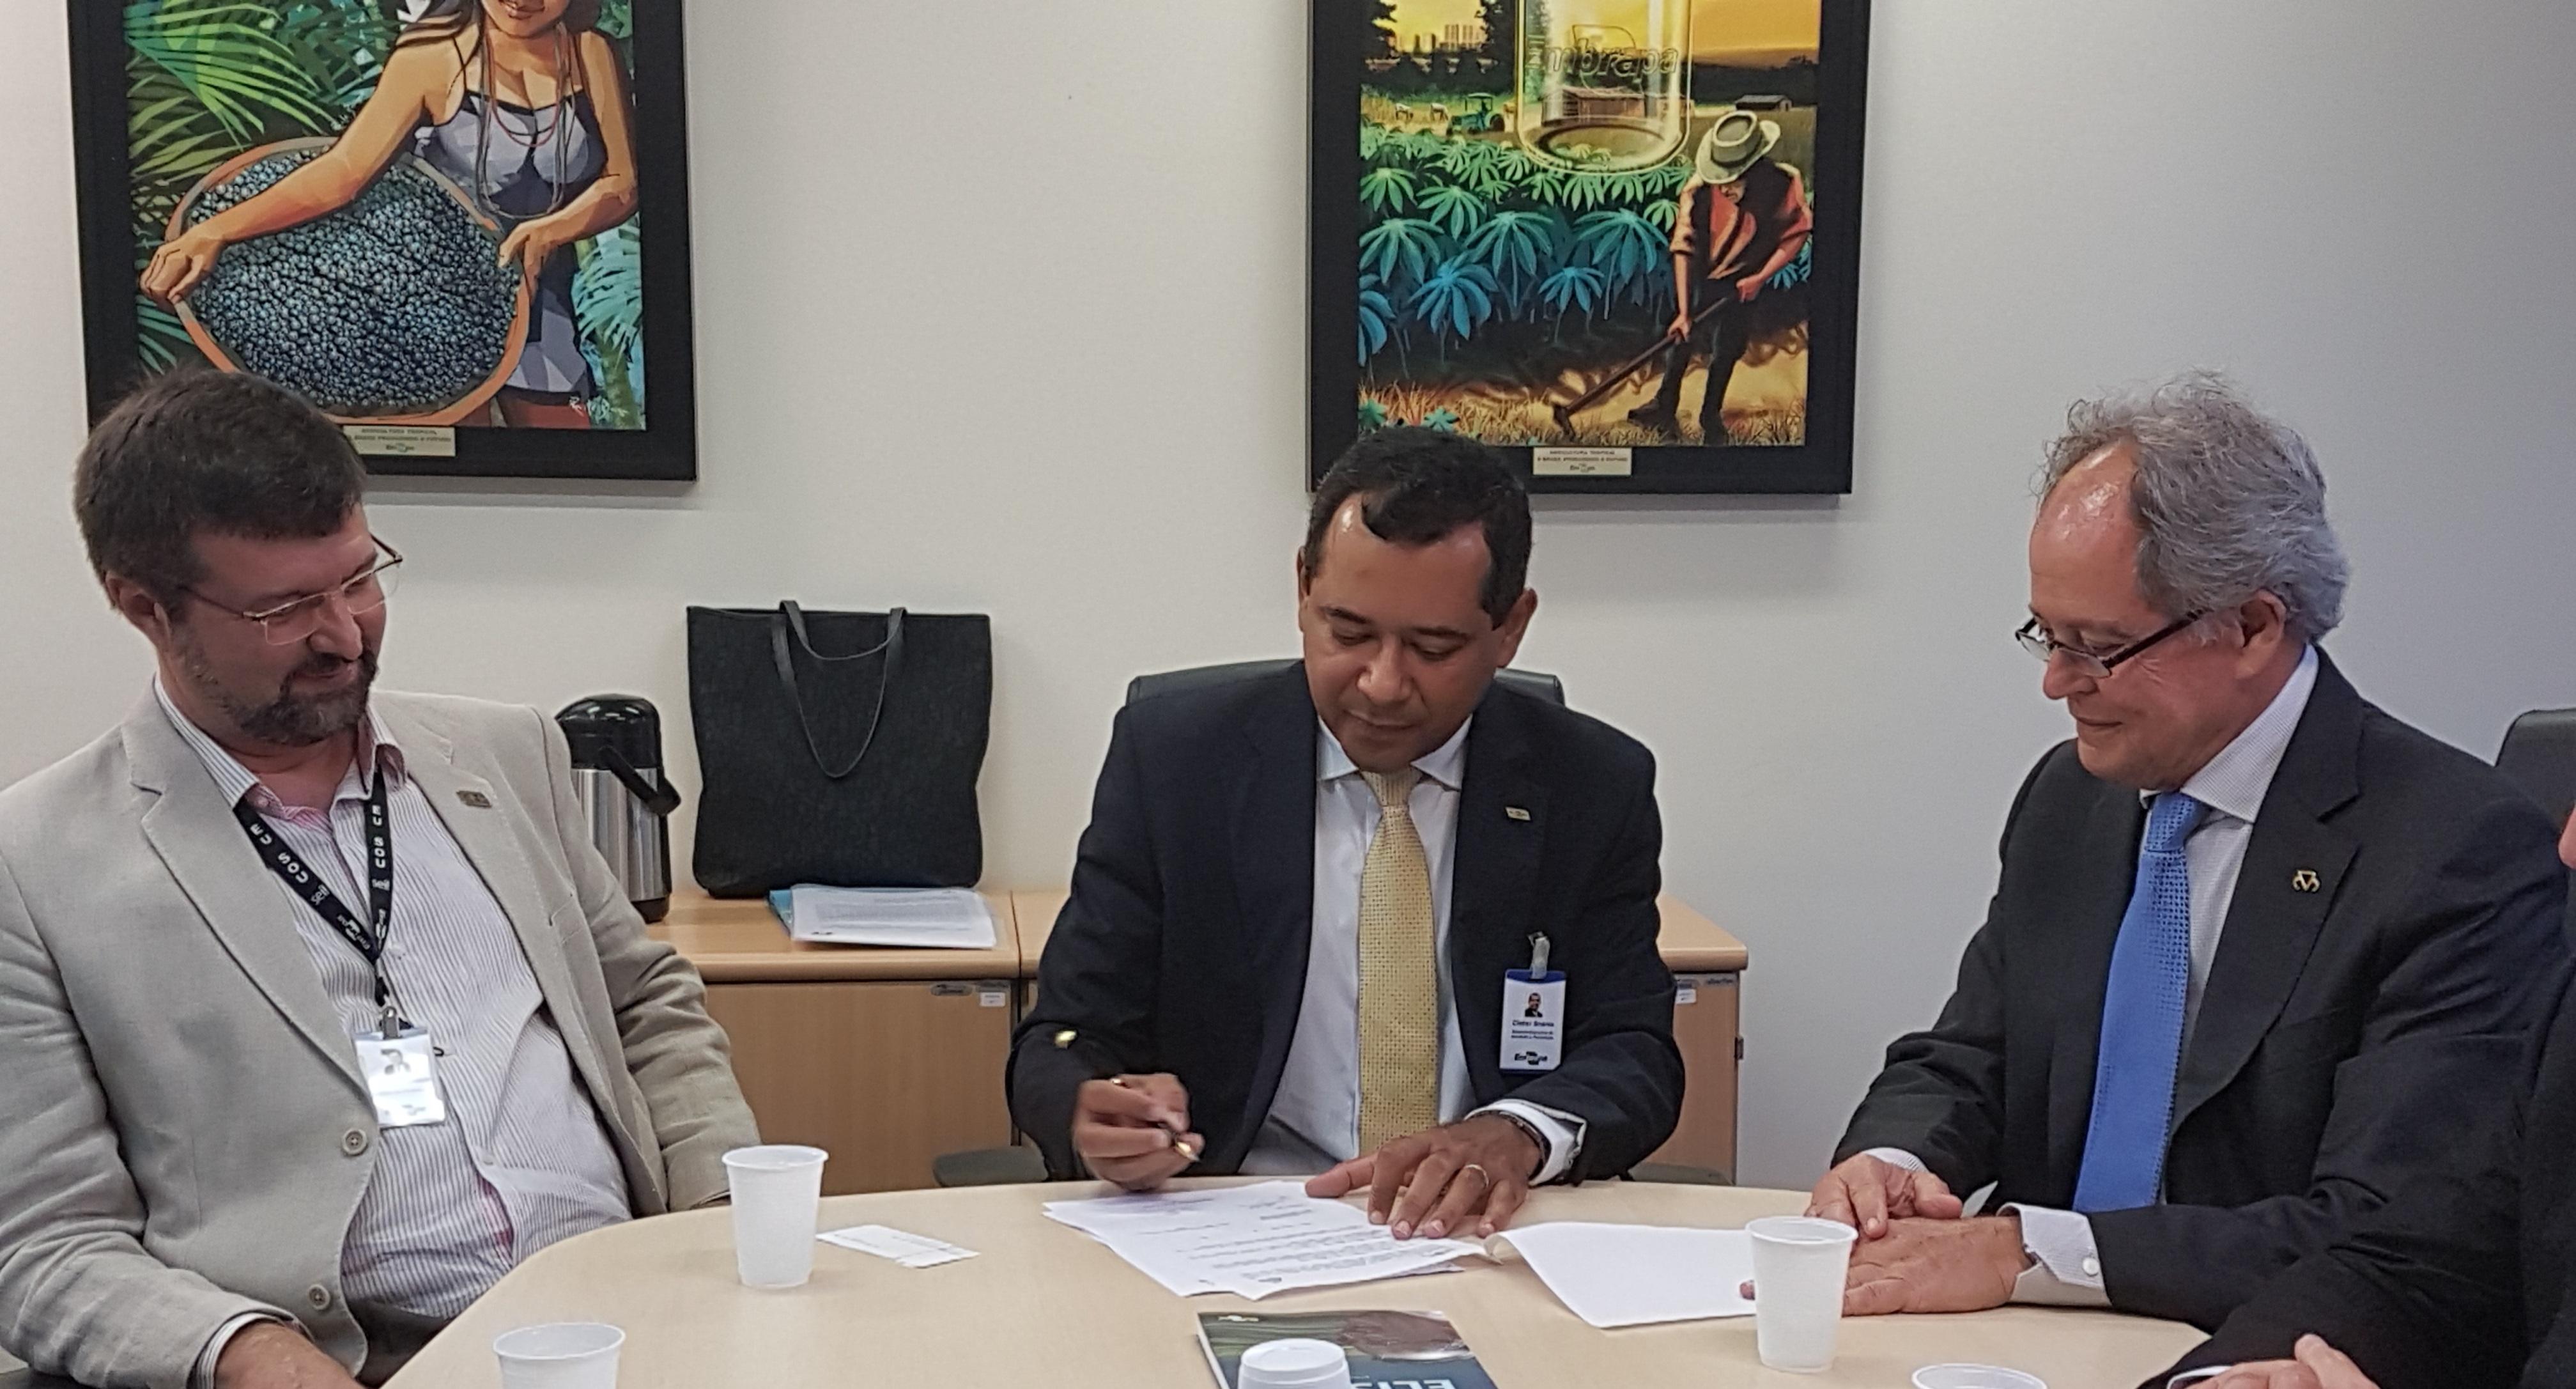 Rose César - Da esquerda para a direita: Ronney Mamede, chefe-geral interino da Embrapa Gado de Corte, Cleber Oliveira, diretor-executivo de Inovação e Negócios da Embrapa e Arnaldo Borges, Presidente da ABCZ